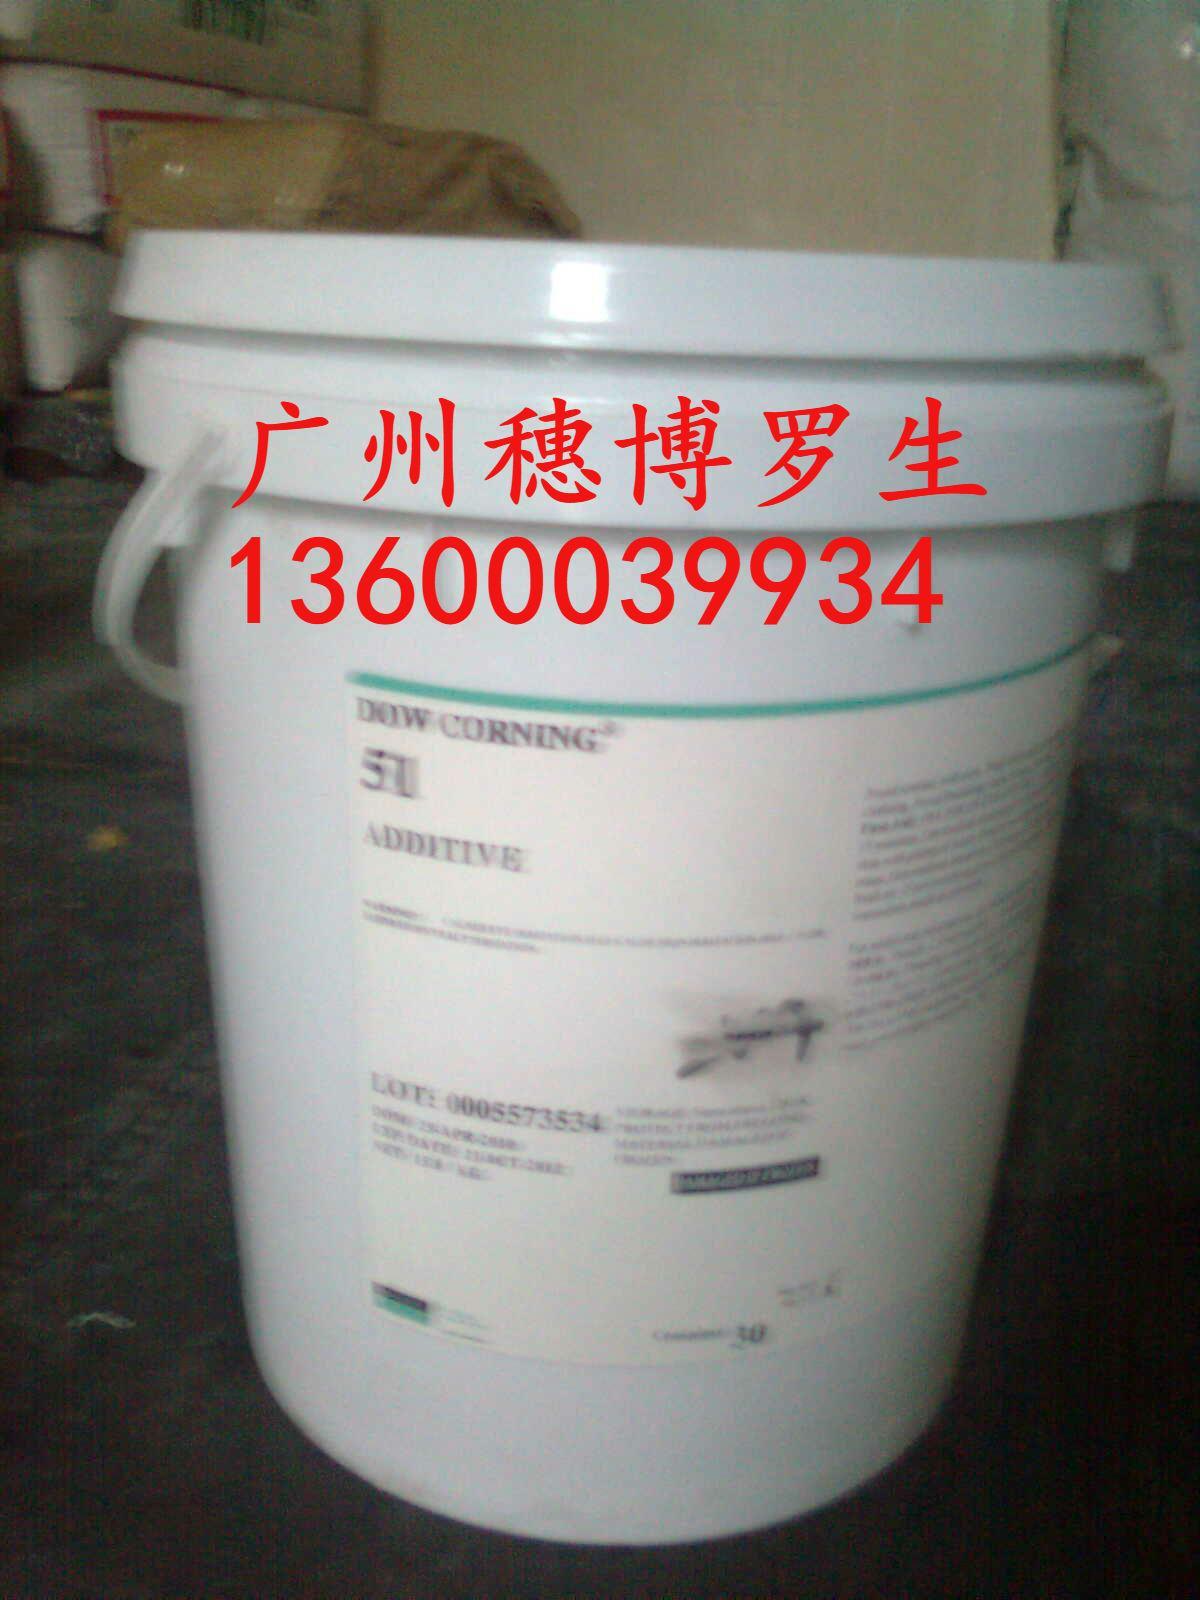 道康宁DC-51作用水性耐磨助剂水性手感助剂 2